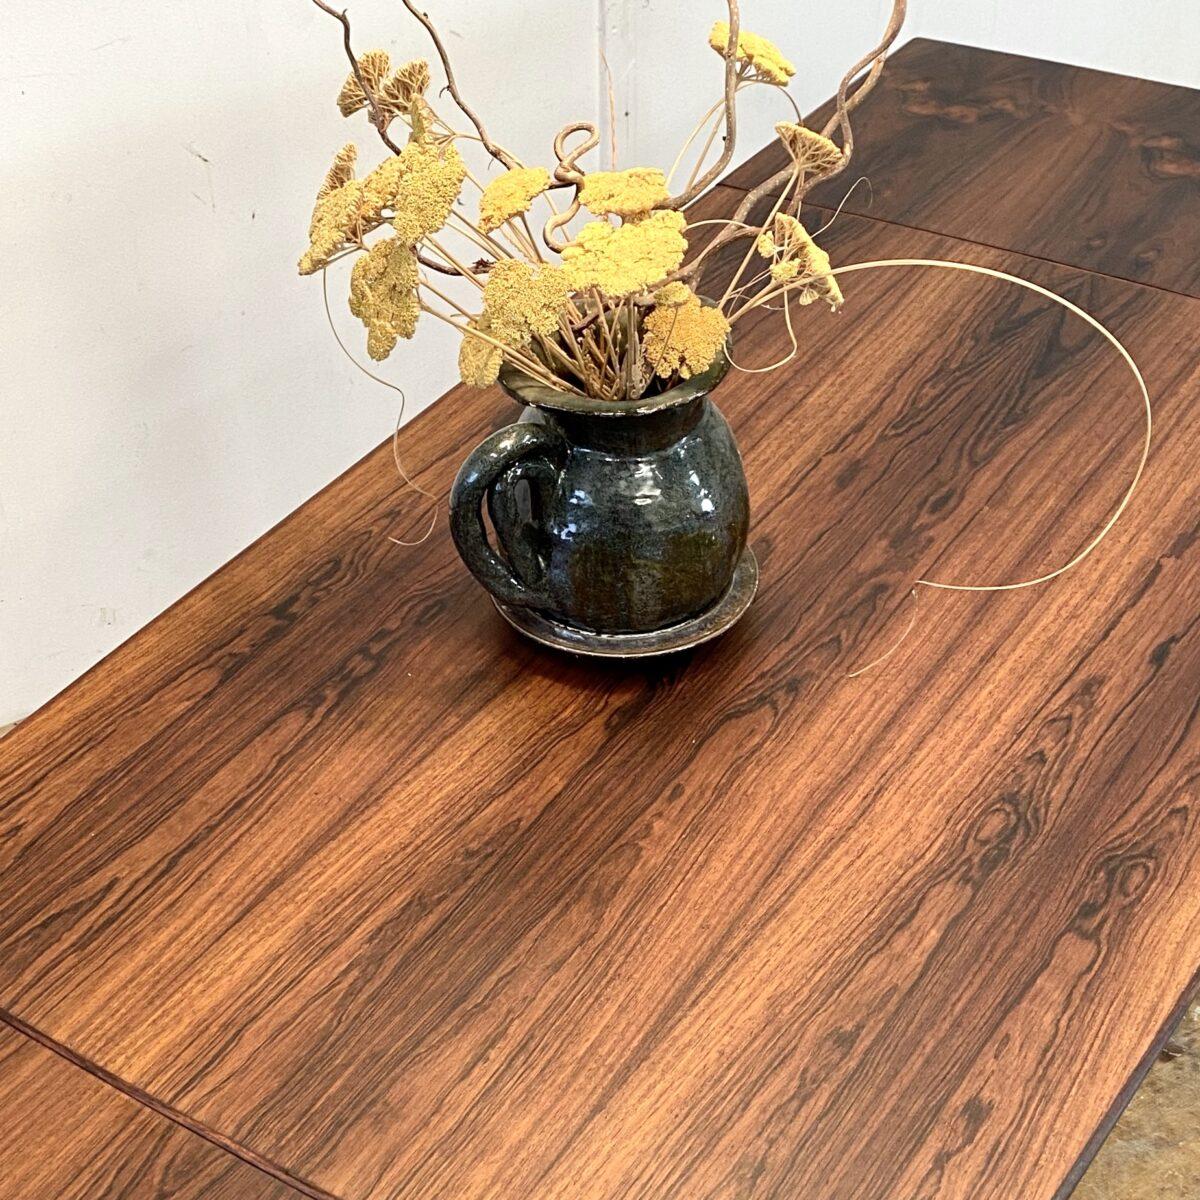 Deuxieme.shop midcentury tisch poul hundevad denmark. Ausziehbarer Palisander Esstisch aus den 60er Jahren. Ausgezogen 205x80cm Höhe 73cm. Eine Auszugplatte hat ein kleinen Brandfleck, keine Mulde und nicht durchgebrannt. Ansonsten in schönem gepflegten Zustand. Tischbeine können demontiert werden. Die Tischplatte hat eine leicht ovale Grundform, die Holzmaserung ist fortlaufend über den ganzen Tisch.